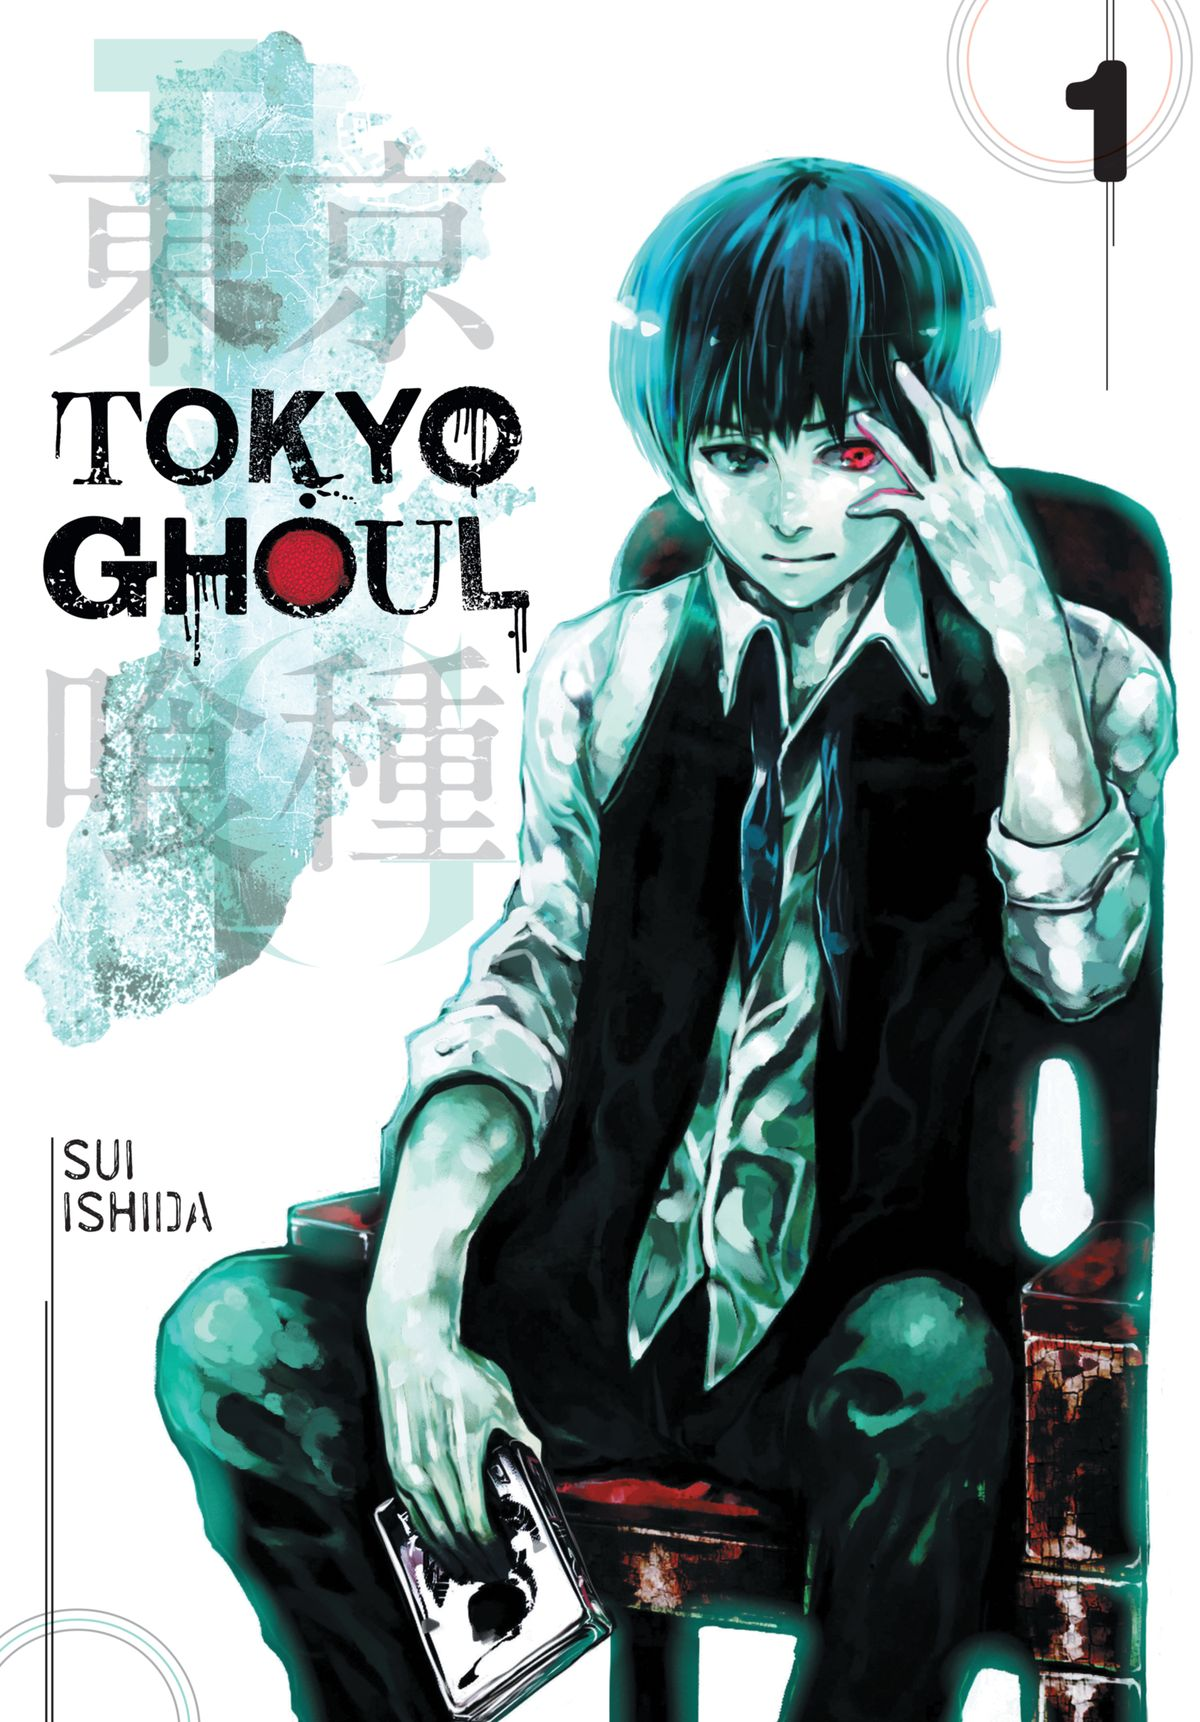 Tranh Poster Tokyo ghoul A4 combo 3  tấm khác nhau